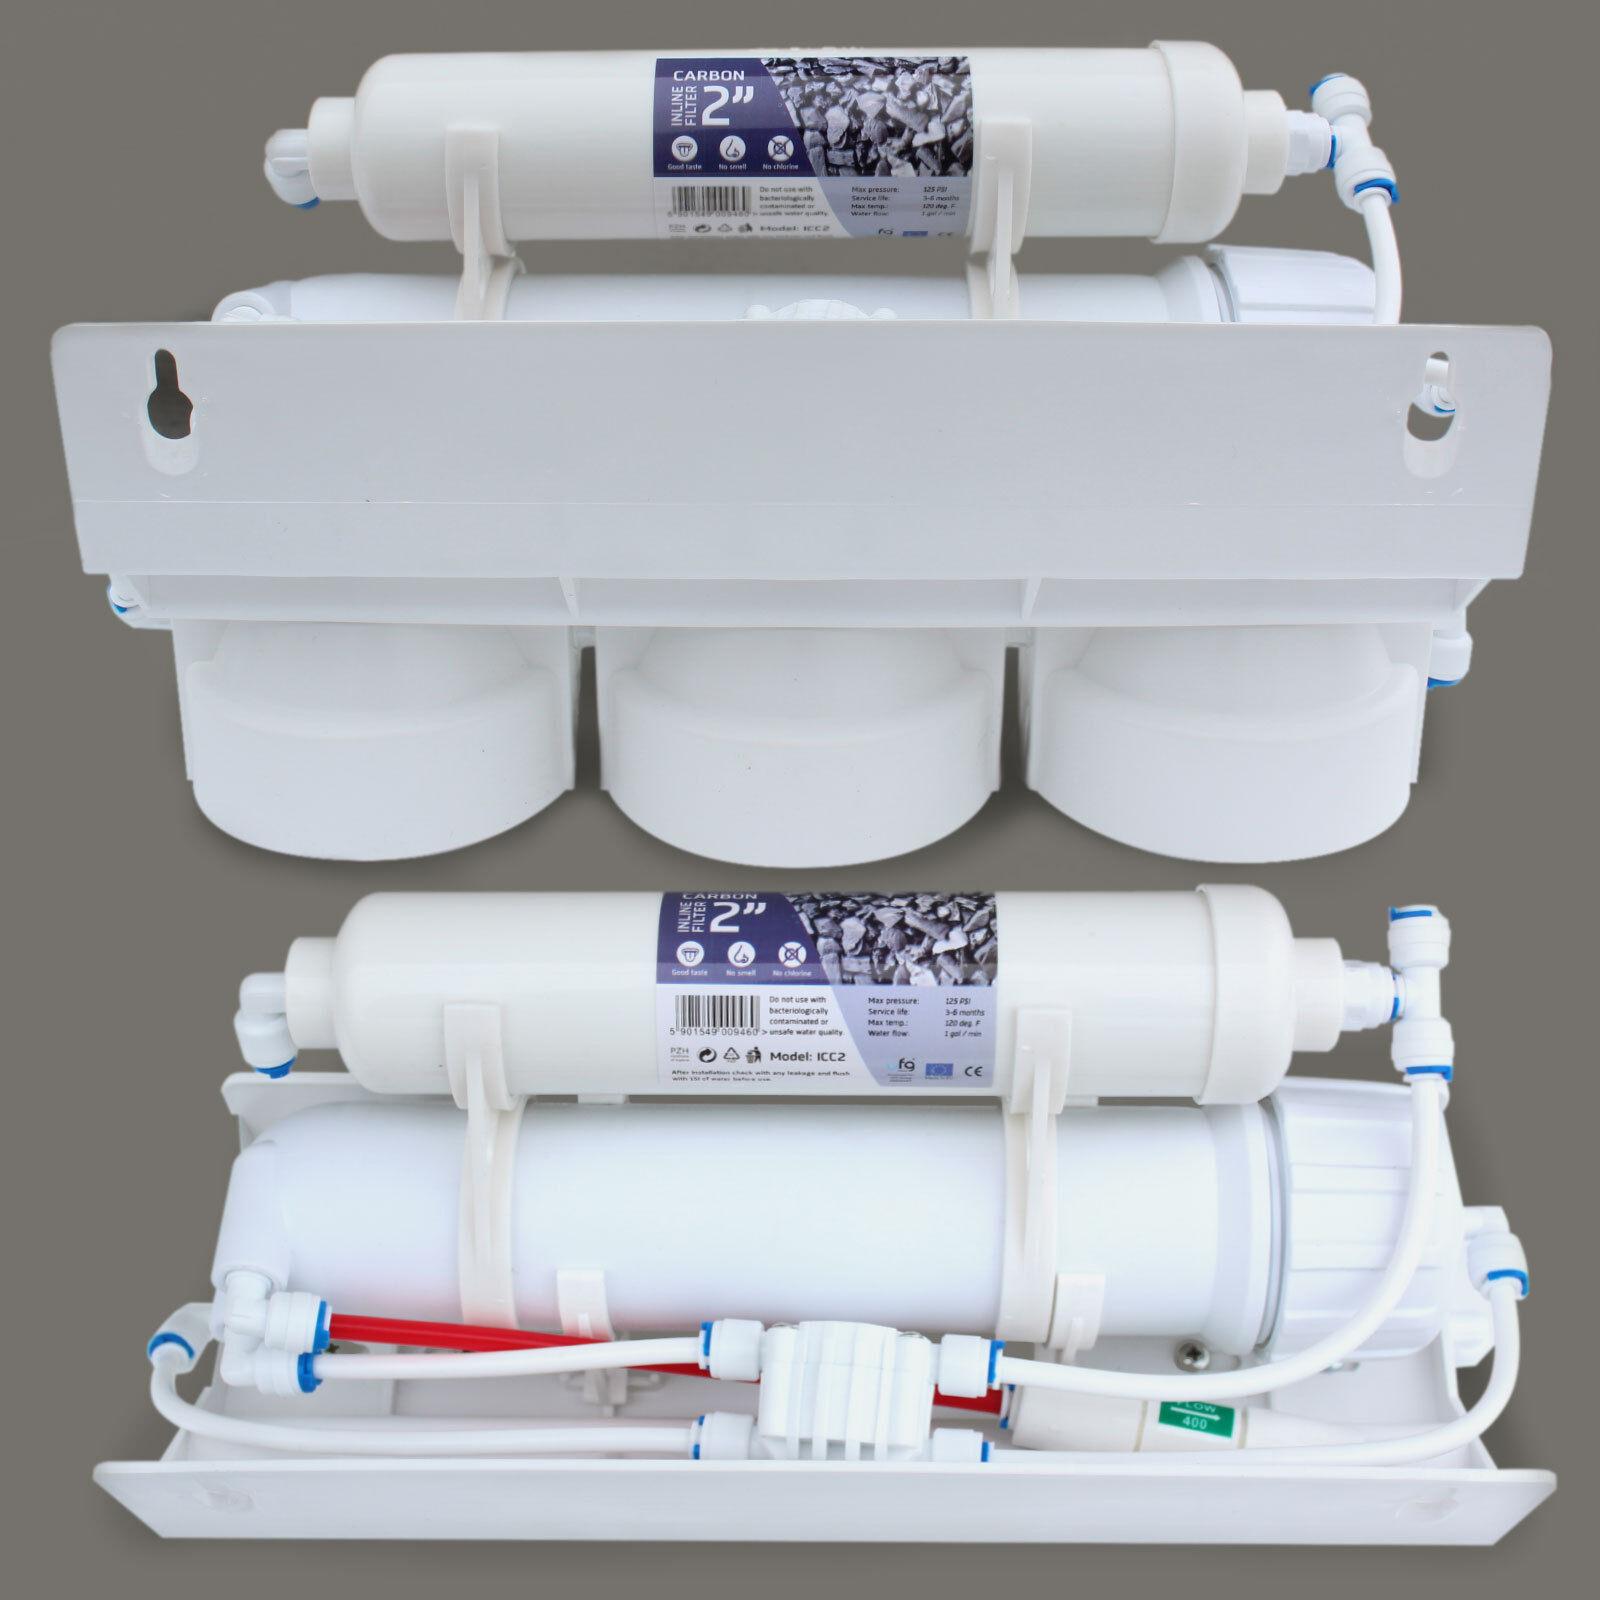 5 Stufige Umkehrosmose Osmose Osmoseanlage ACTIWATER® RO50 E00 50GPD 50GPD 50GPD NSF 3,8G 569229